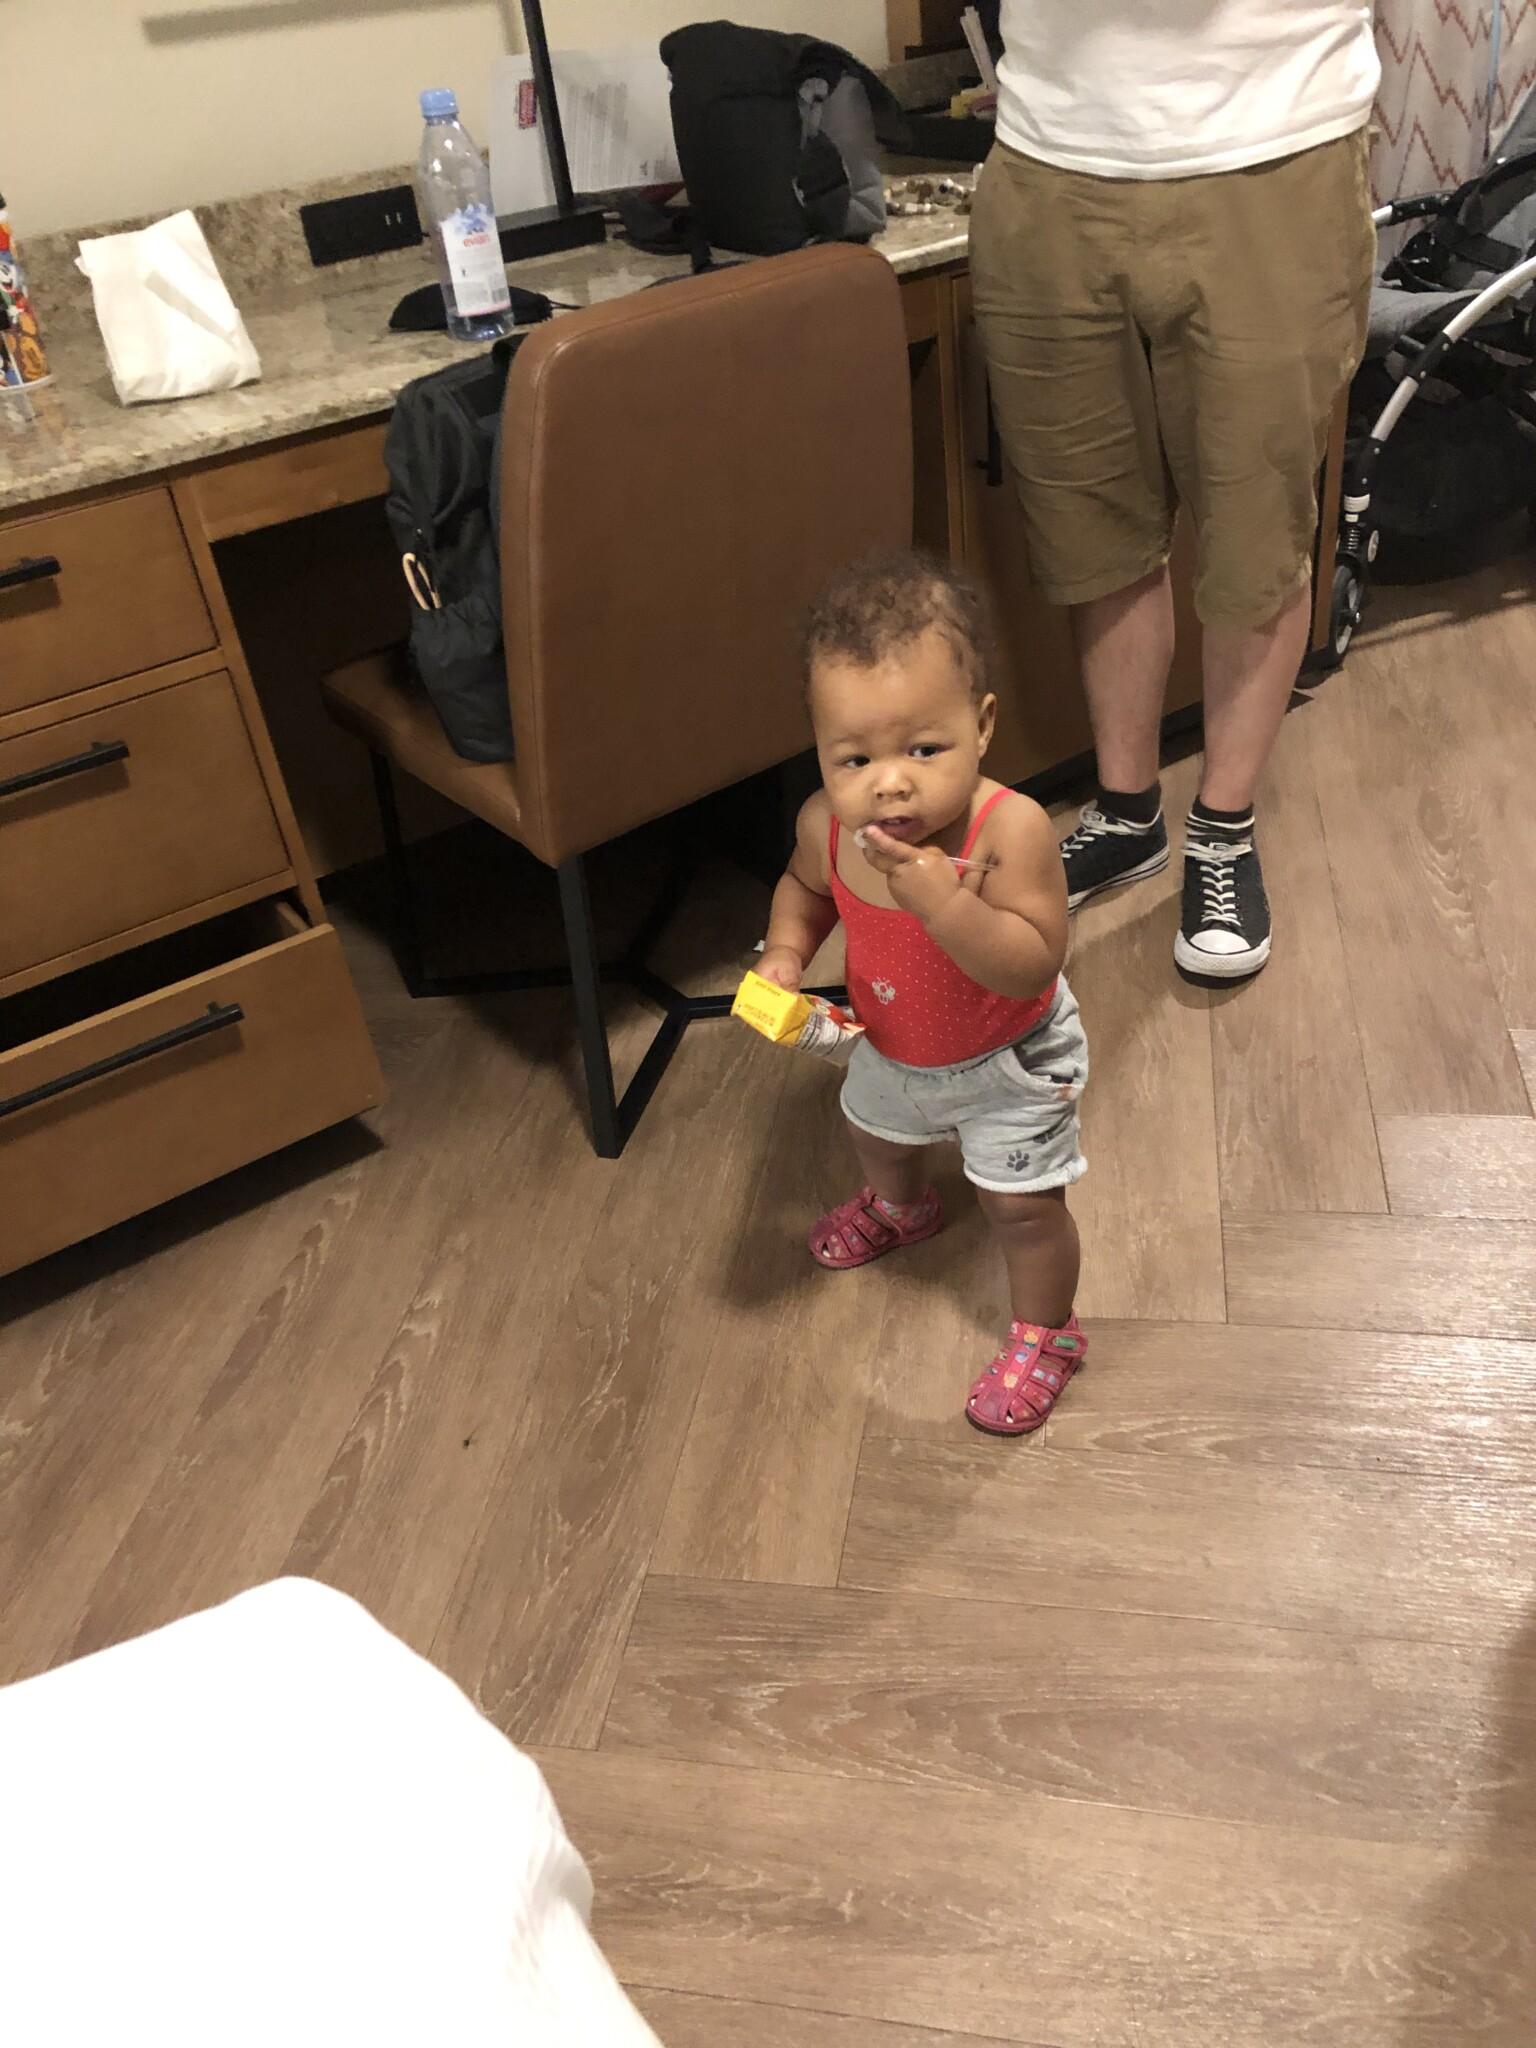 2 semaines en Floride avec un bébé de 1 an - Séjour du 2 au 16 mai 2019 DCL + WDW - Page 18 IMG_1385-1536x2048